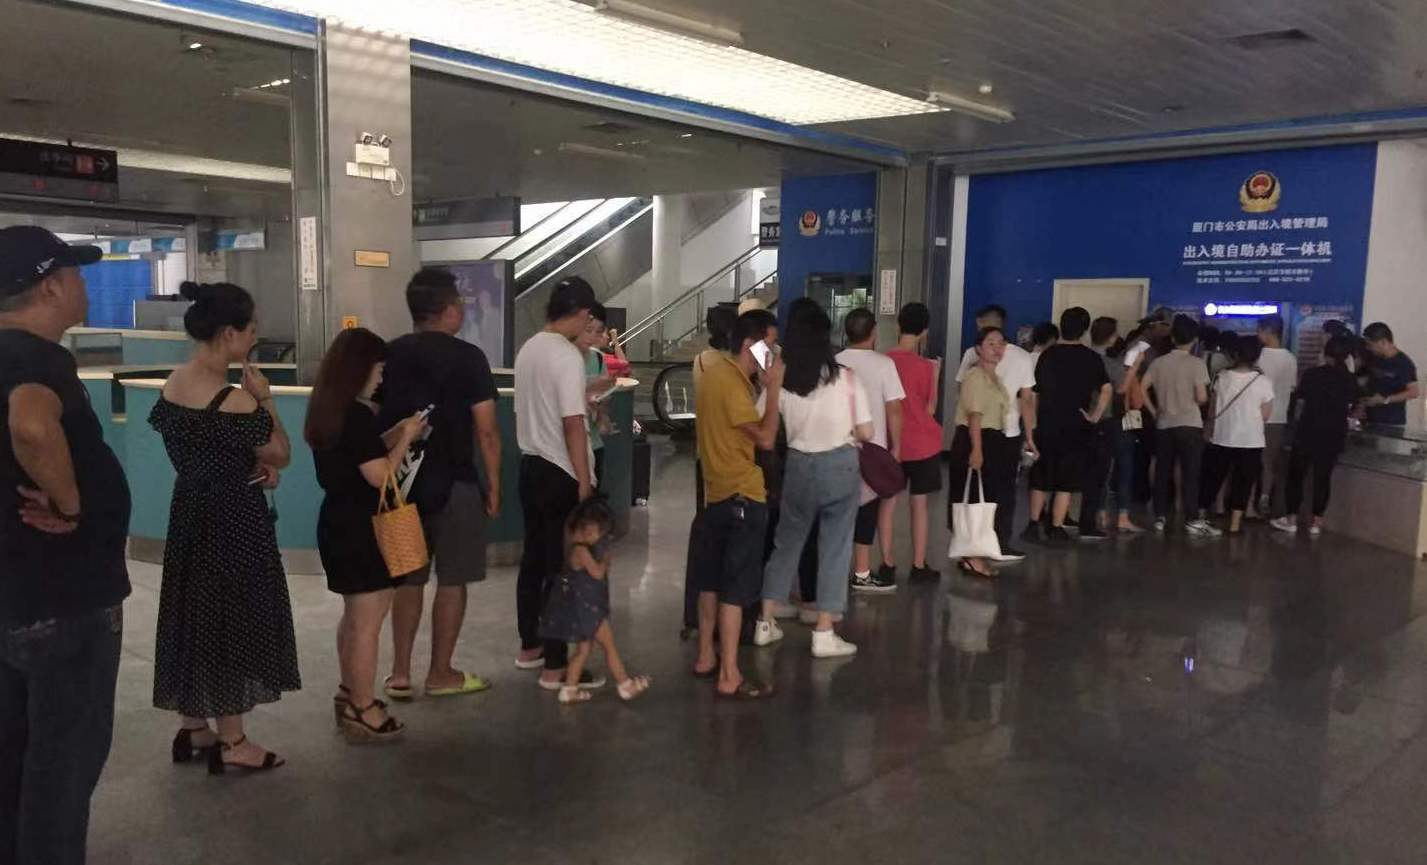 中国大陆8月1日起暂停台湾自由行,厦门出入境管理局在7月31日封关前,排了长长的人龙抢办自由行证件。(郭姓旅客提供)